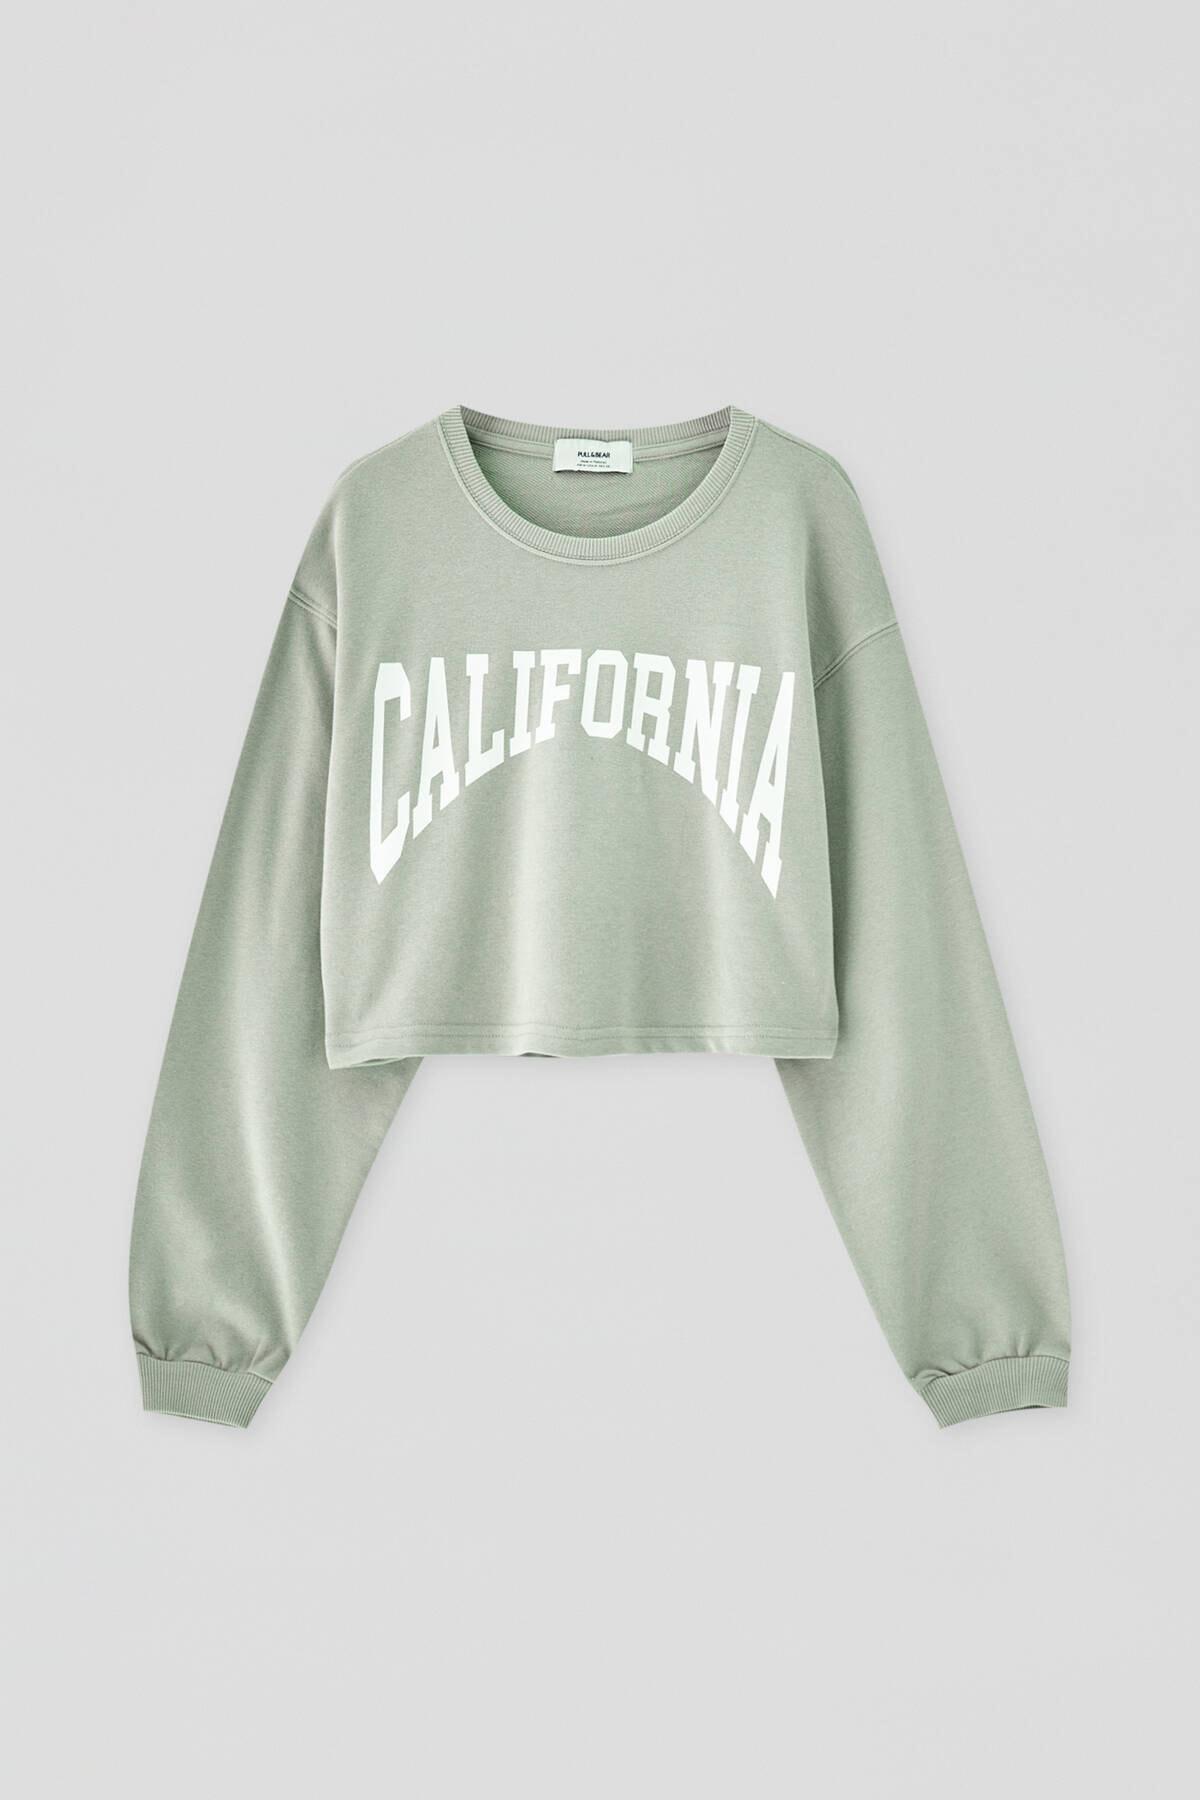 Pull & Bear Kadın  Açık Yeşil Kontrast Yazılı Sweatshirt 04591442 4